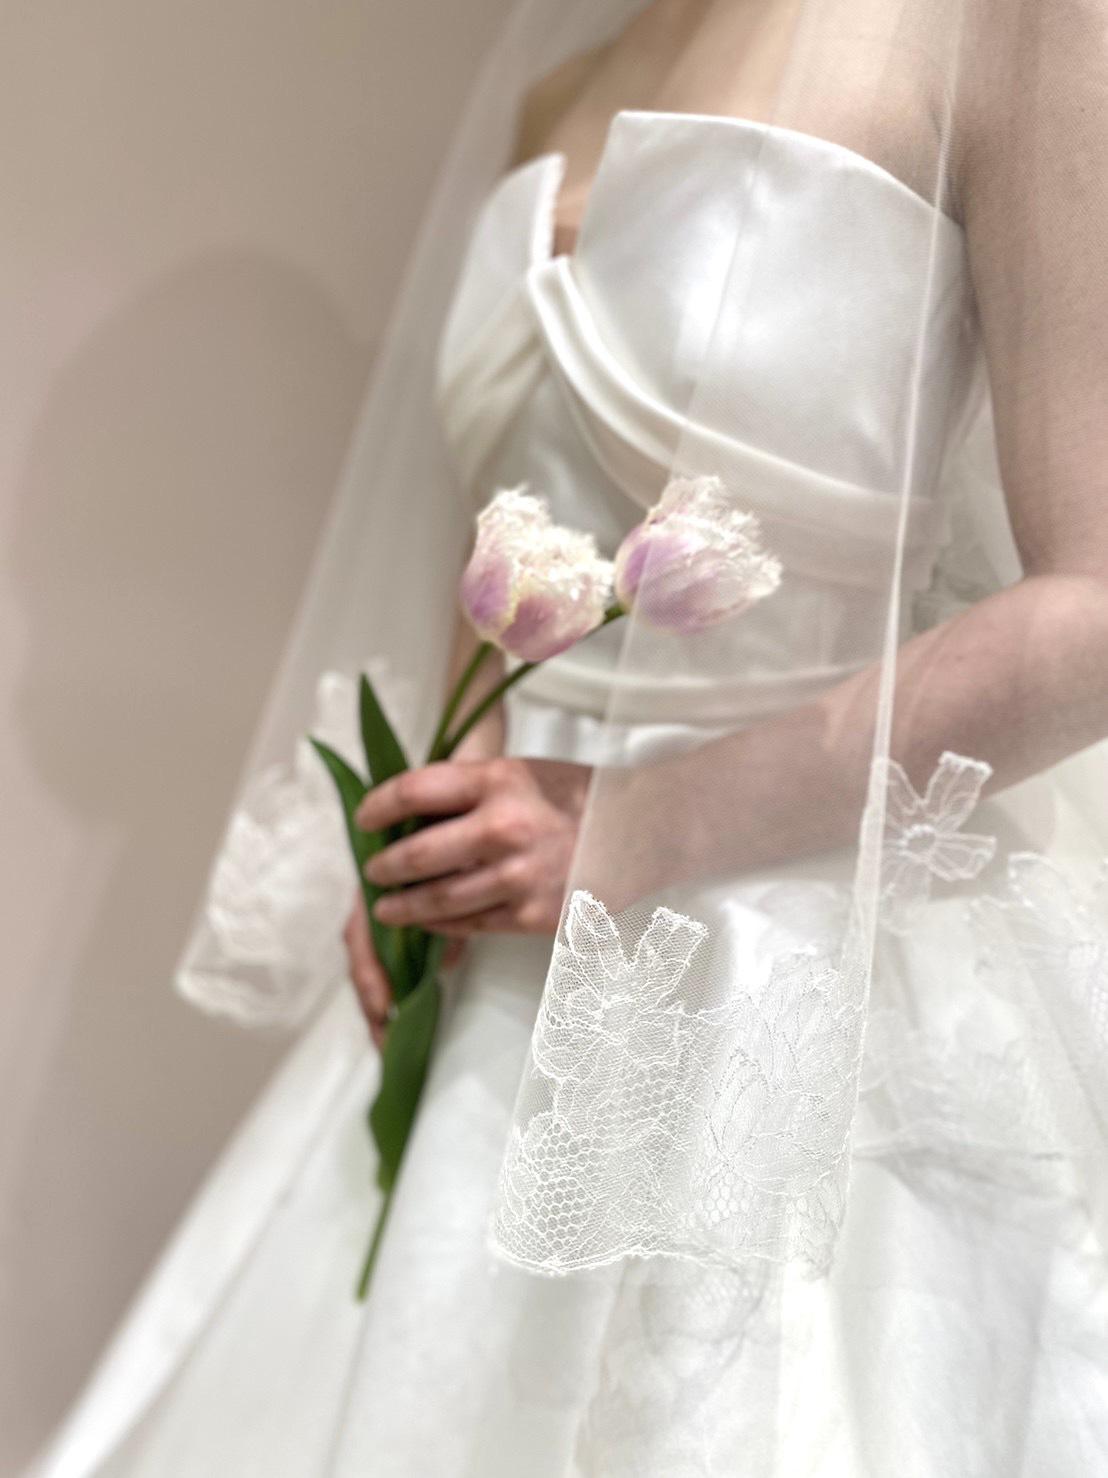 """""""シンプルなウェディングドレスにトリート・ドレッシングオリジナルのチューリップ柄のベールを合わせたフェミニンなコーディネート<br"""